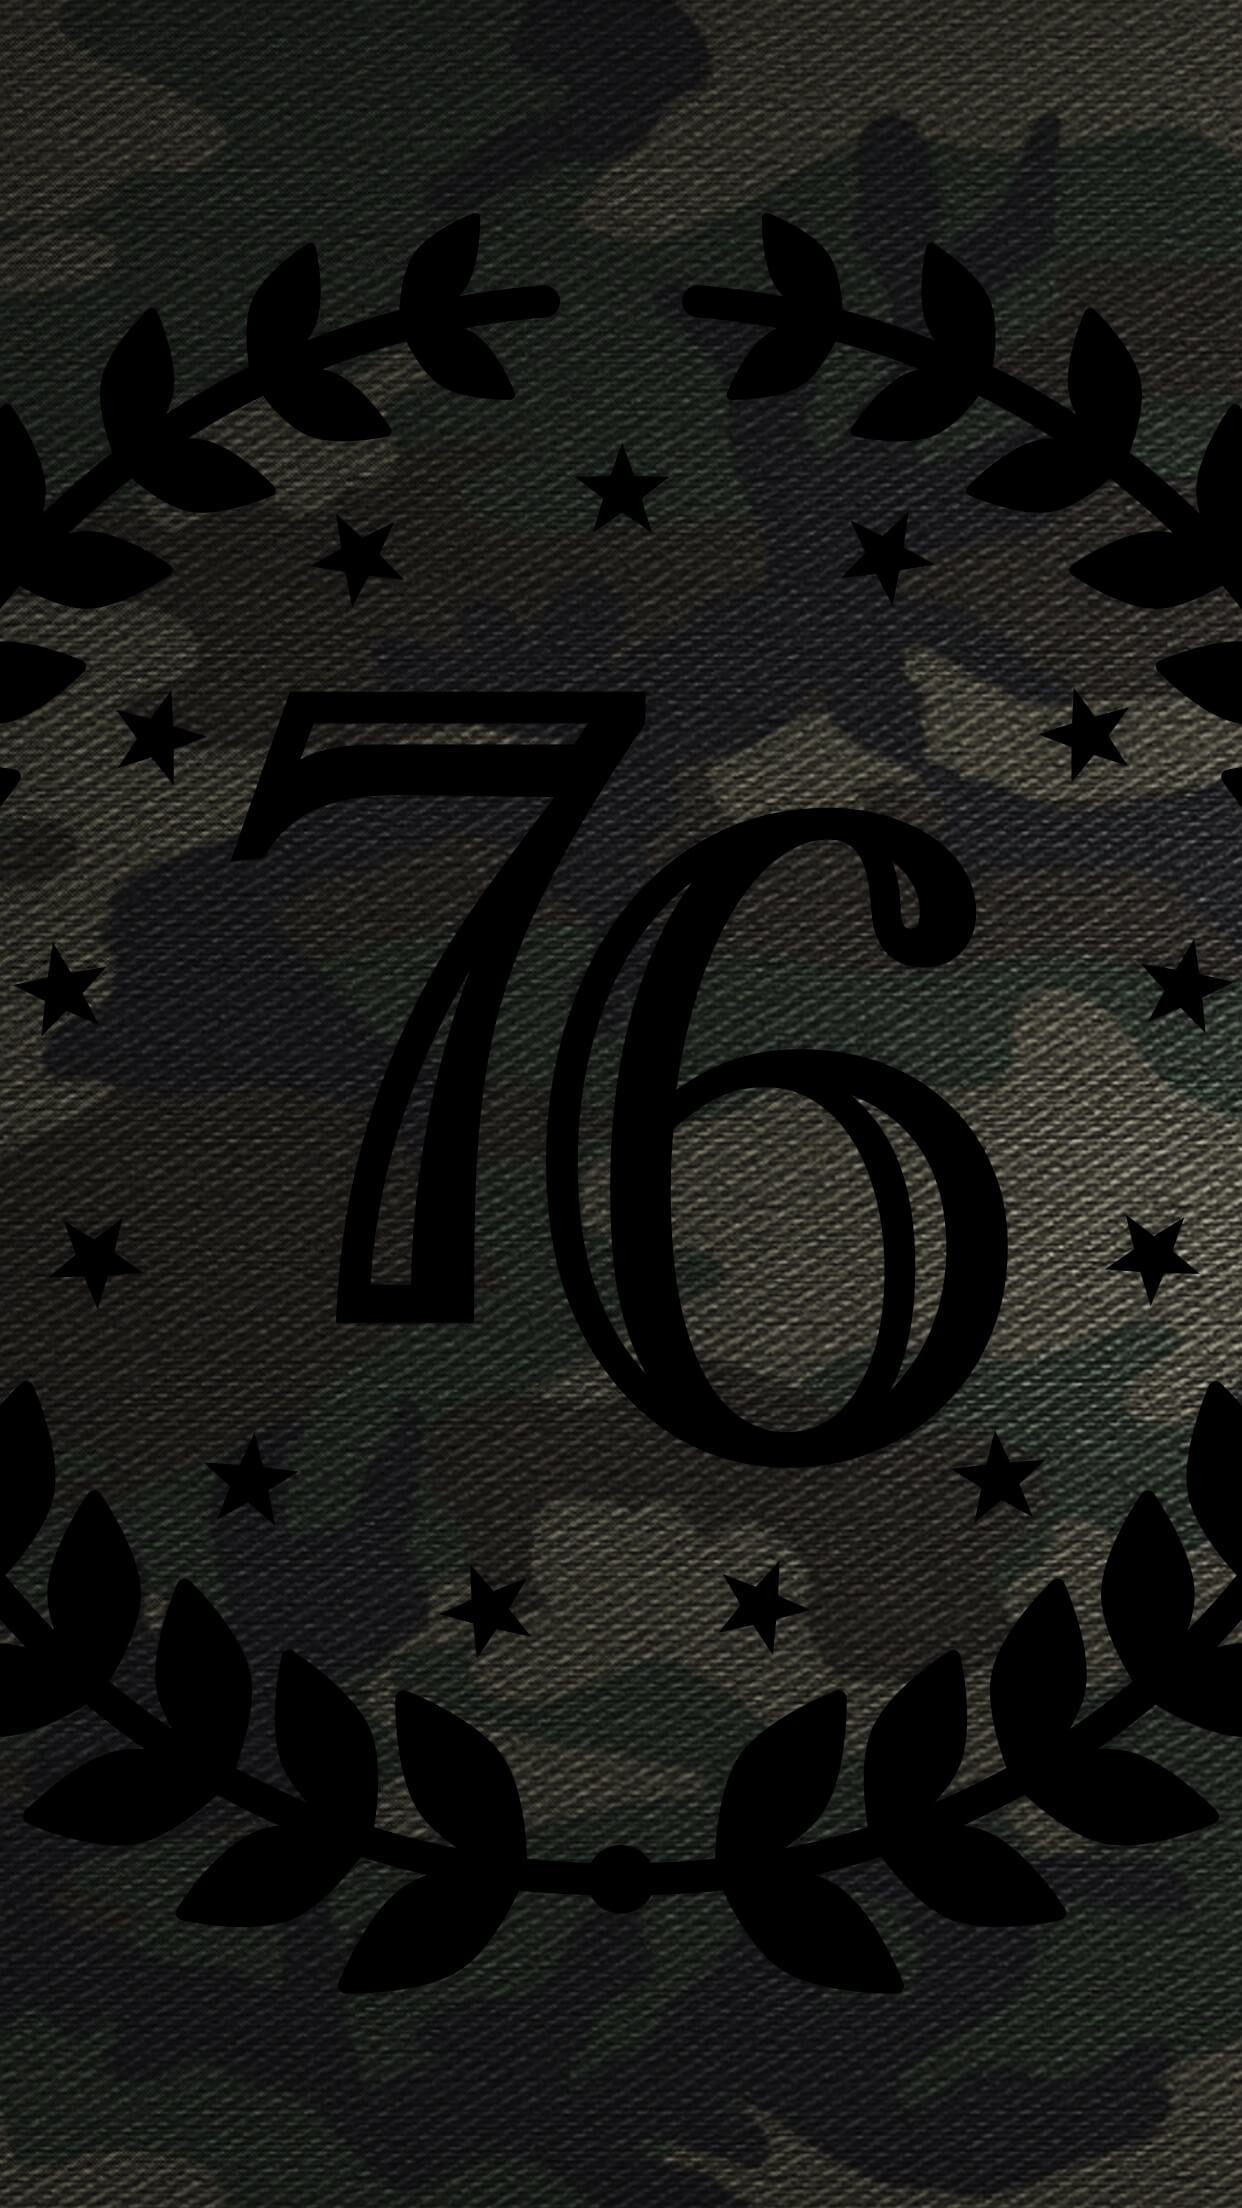 … 1776 United Camo Mobile Phone Wallpaper …